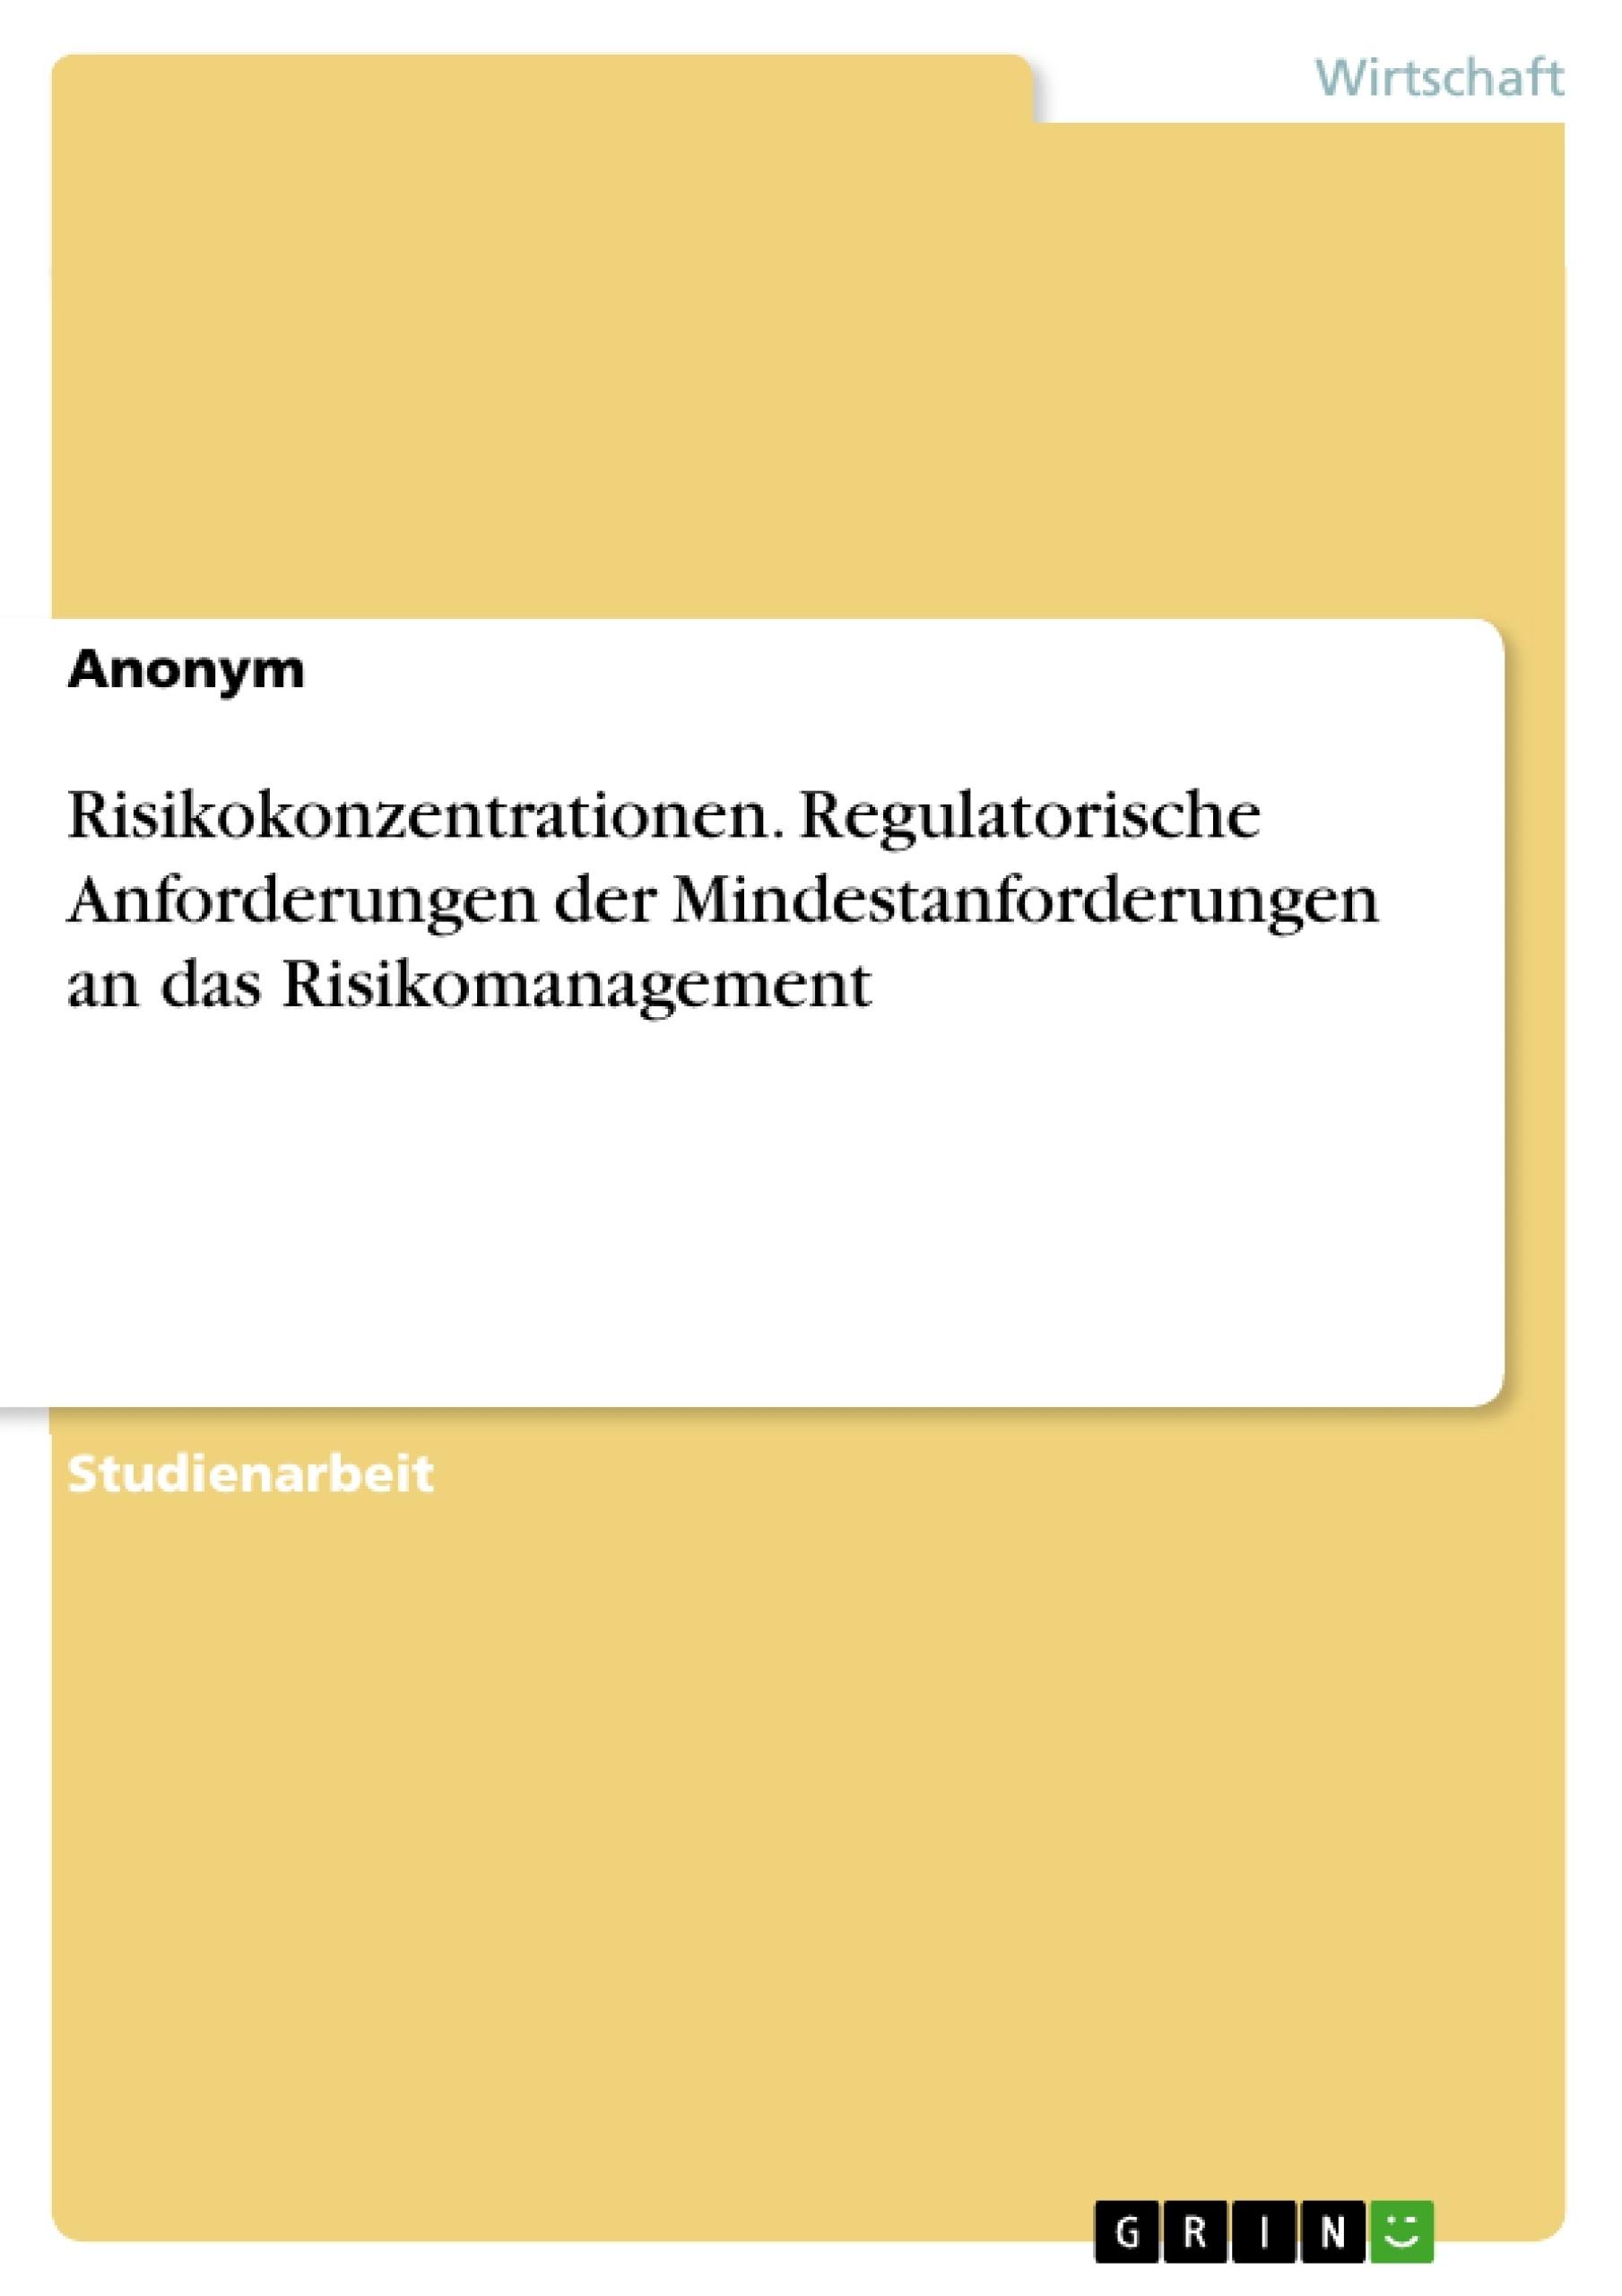 Titel: Risikokonzentrationen. Regulatorische Anforderungen der Mindestanforderungen an das Risikomanagement